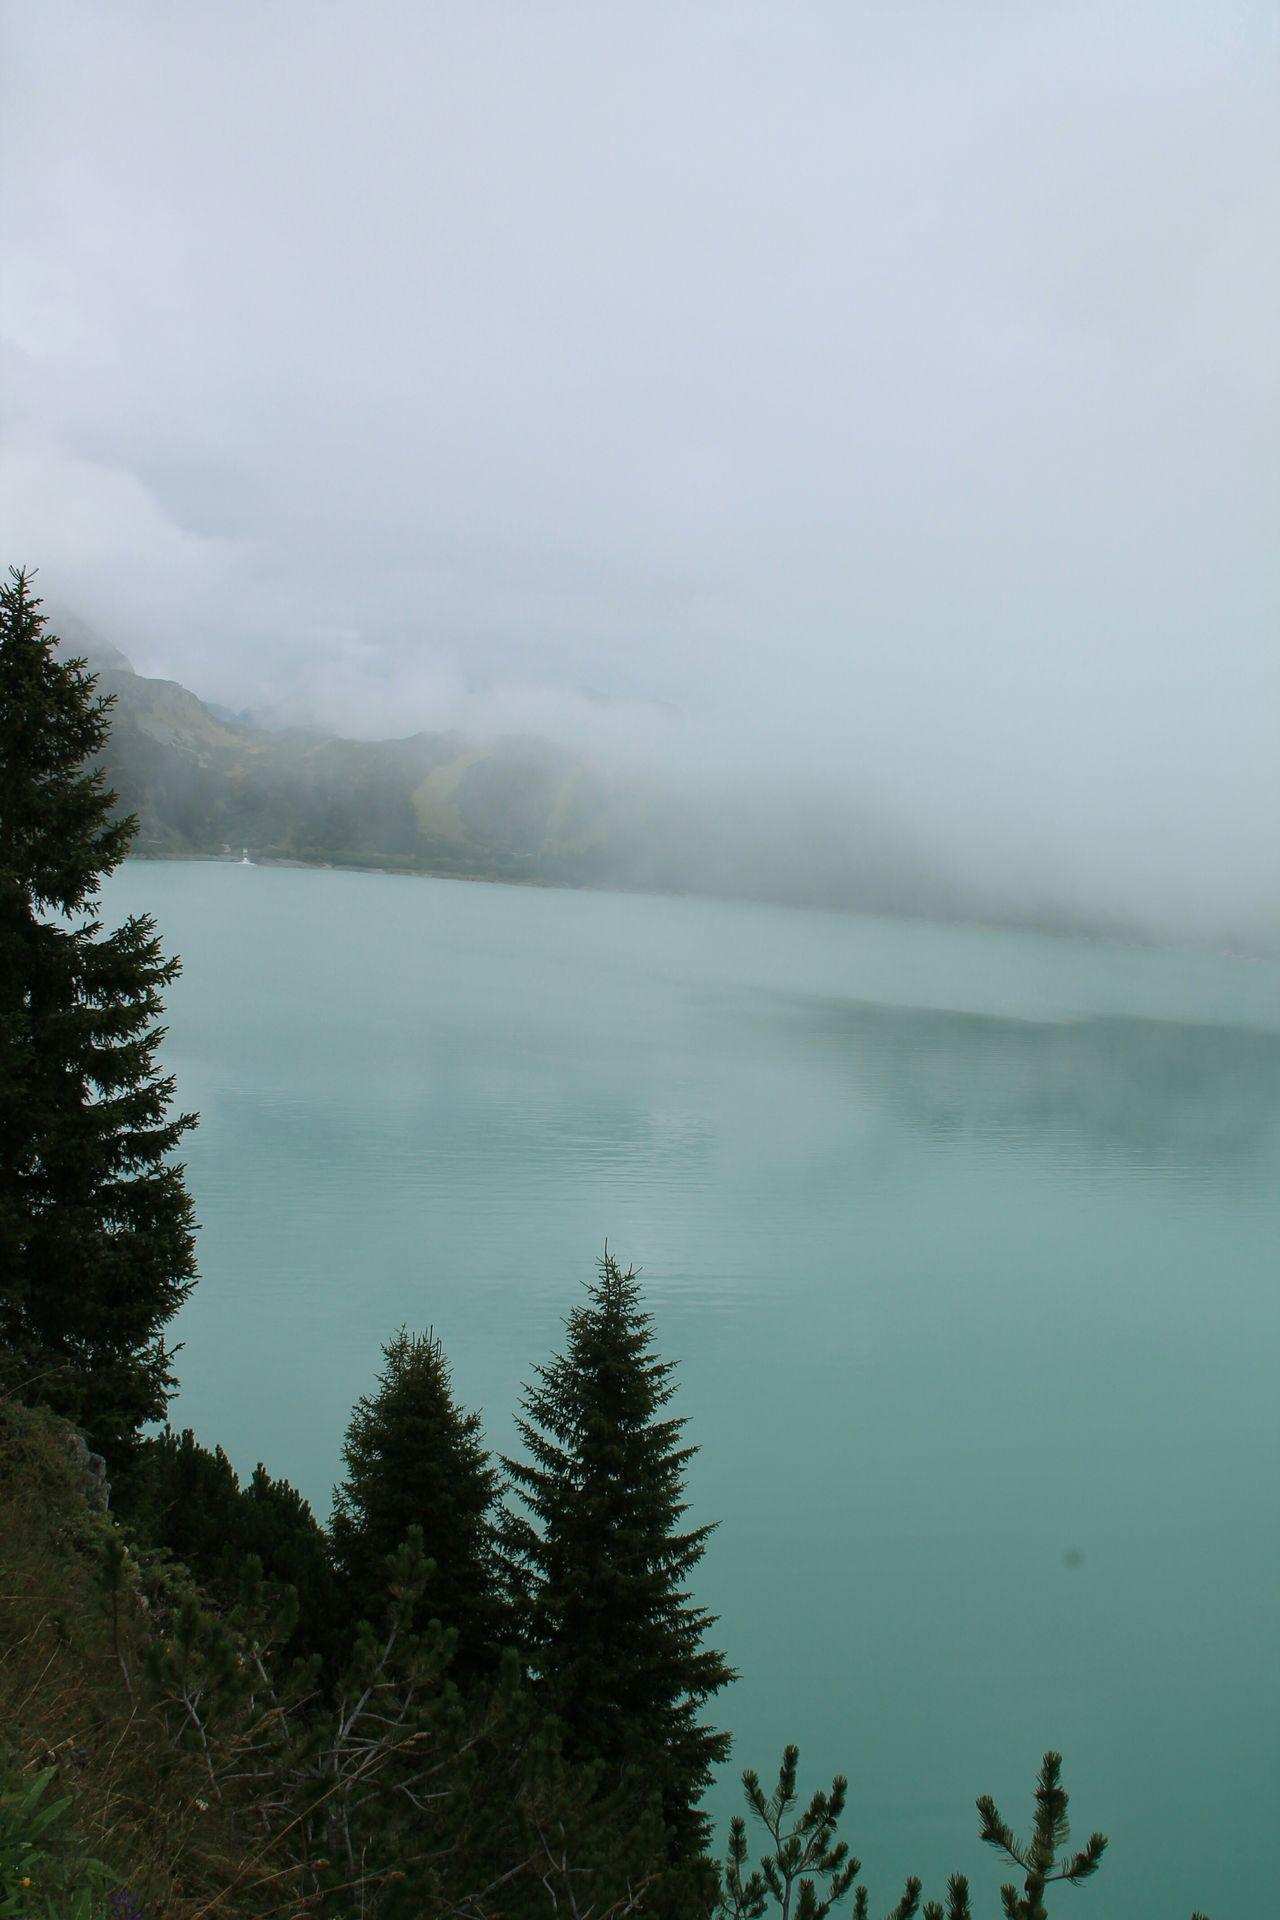 Nebel Nebelmeer Silvretta Kopfsee Bleu Water Stausee Stuwmeer